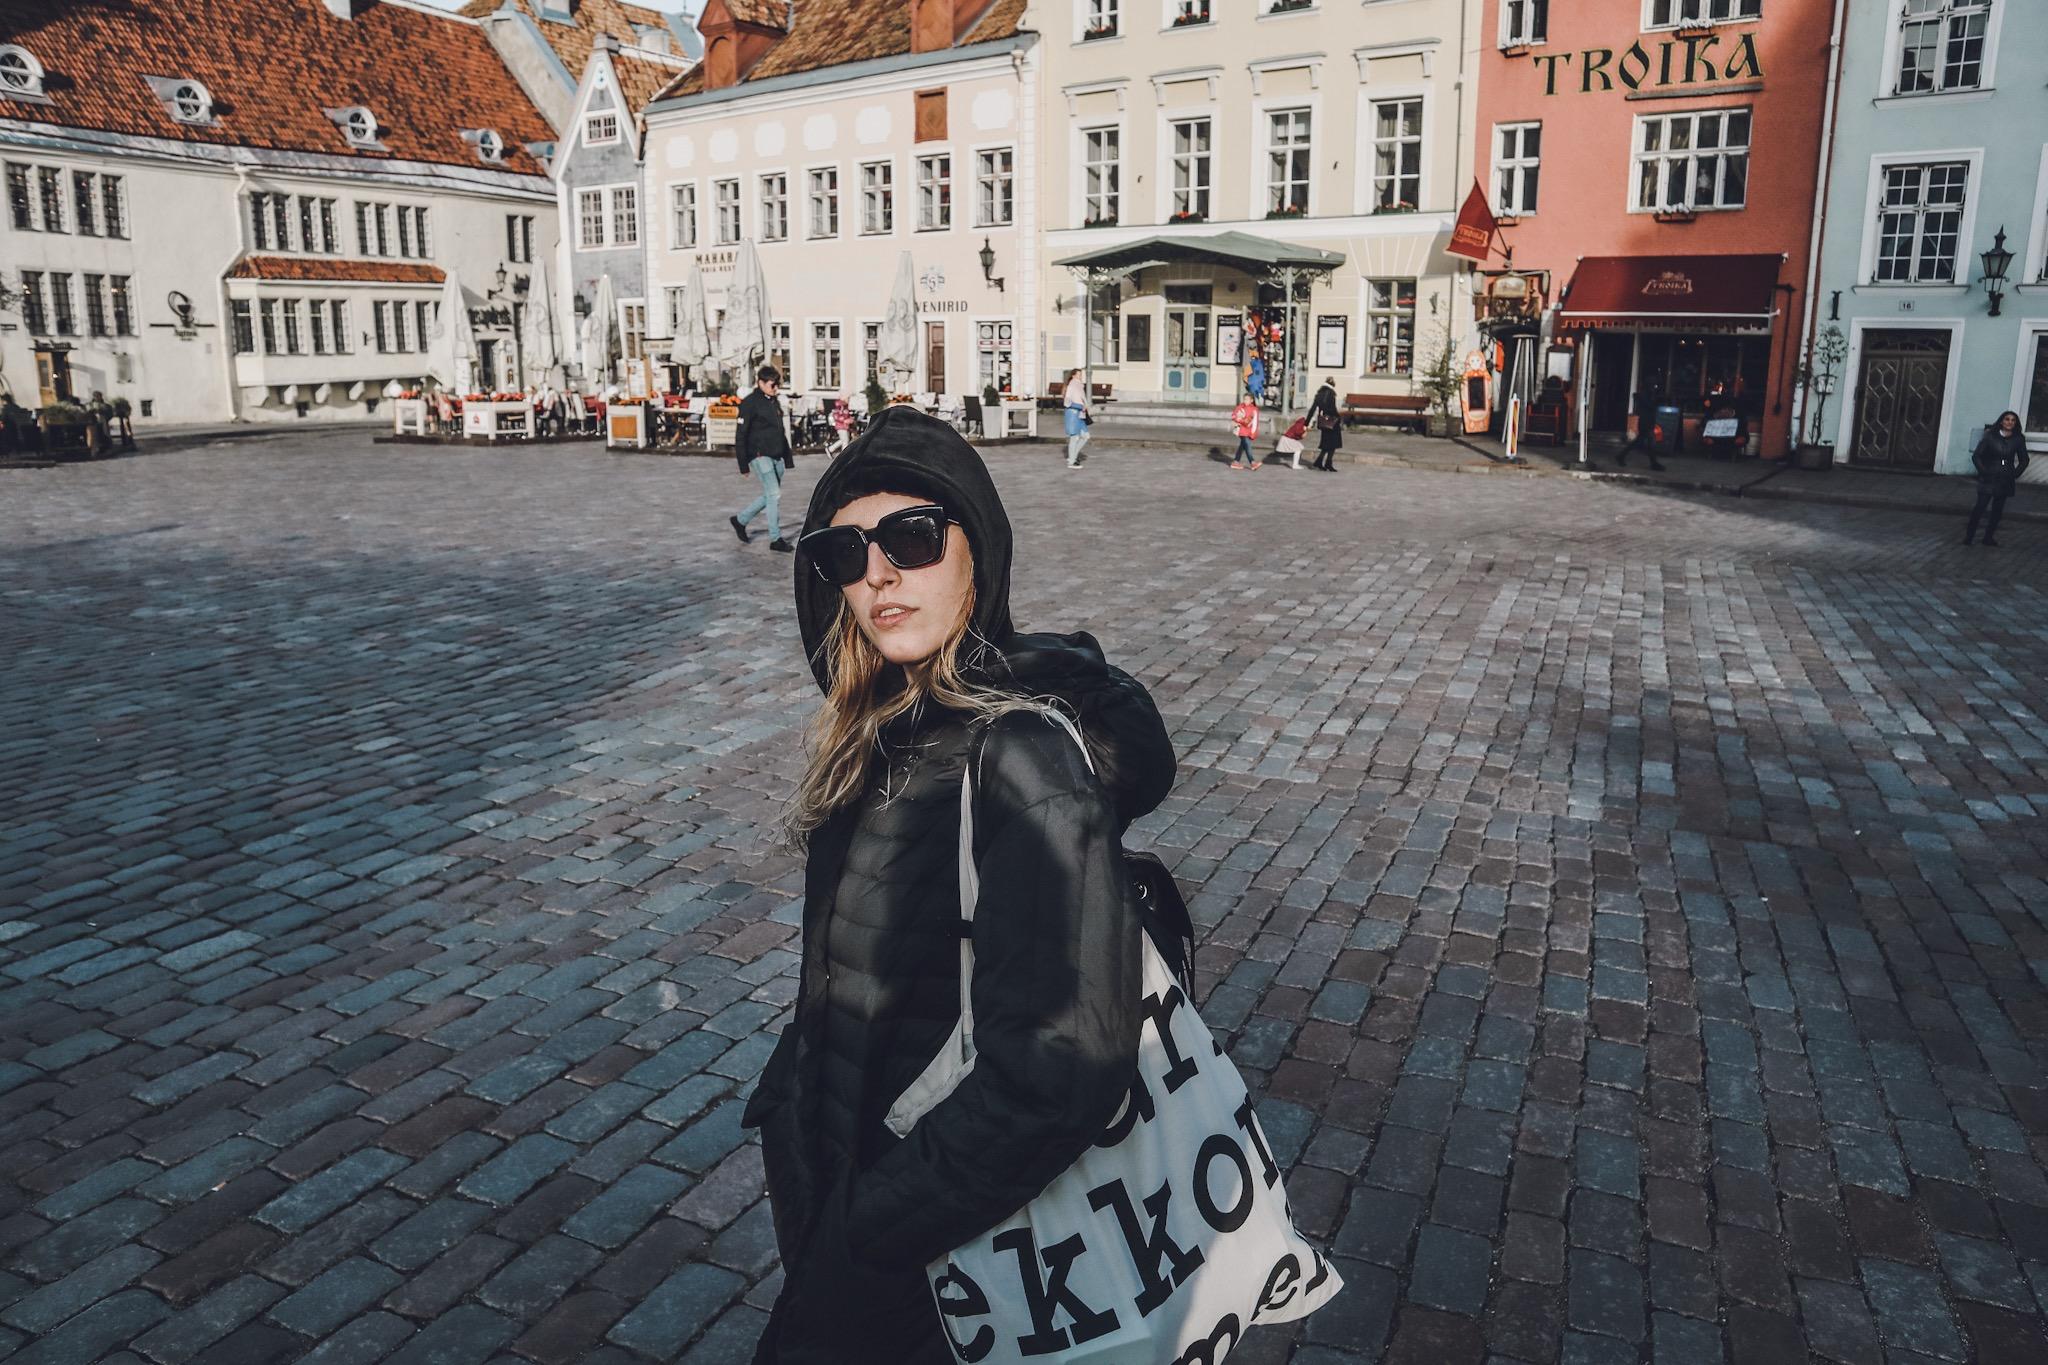 Un giorno a Tallinn cosa fare